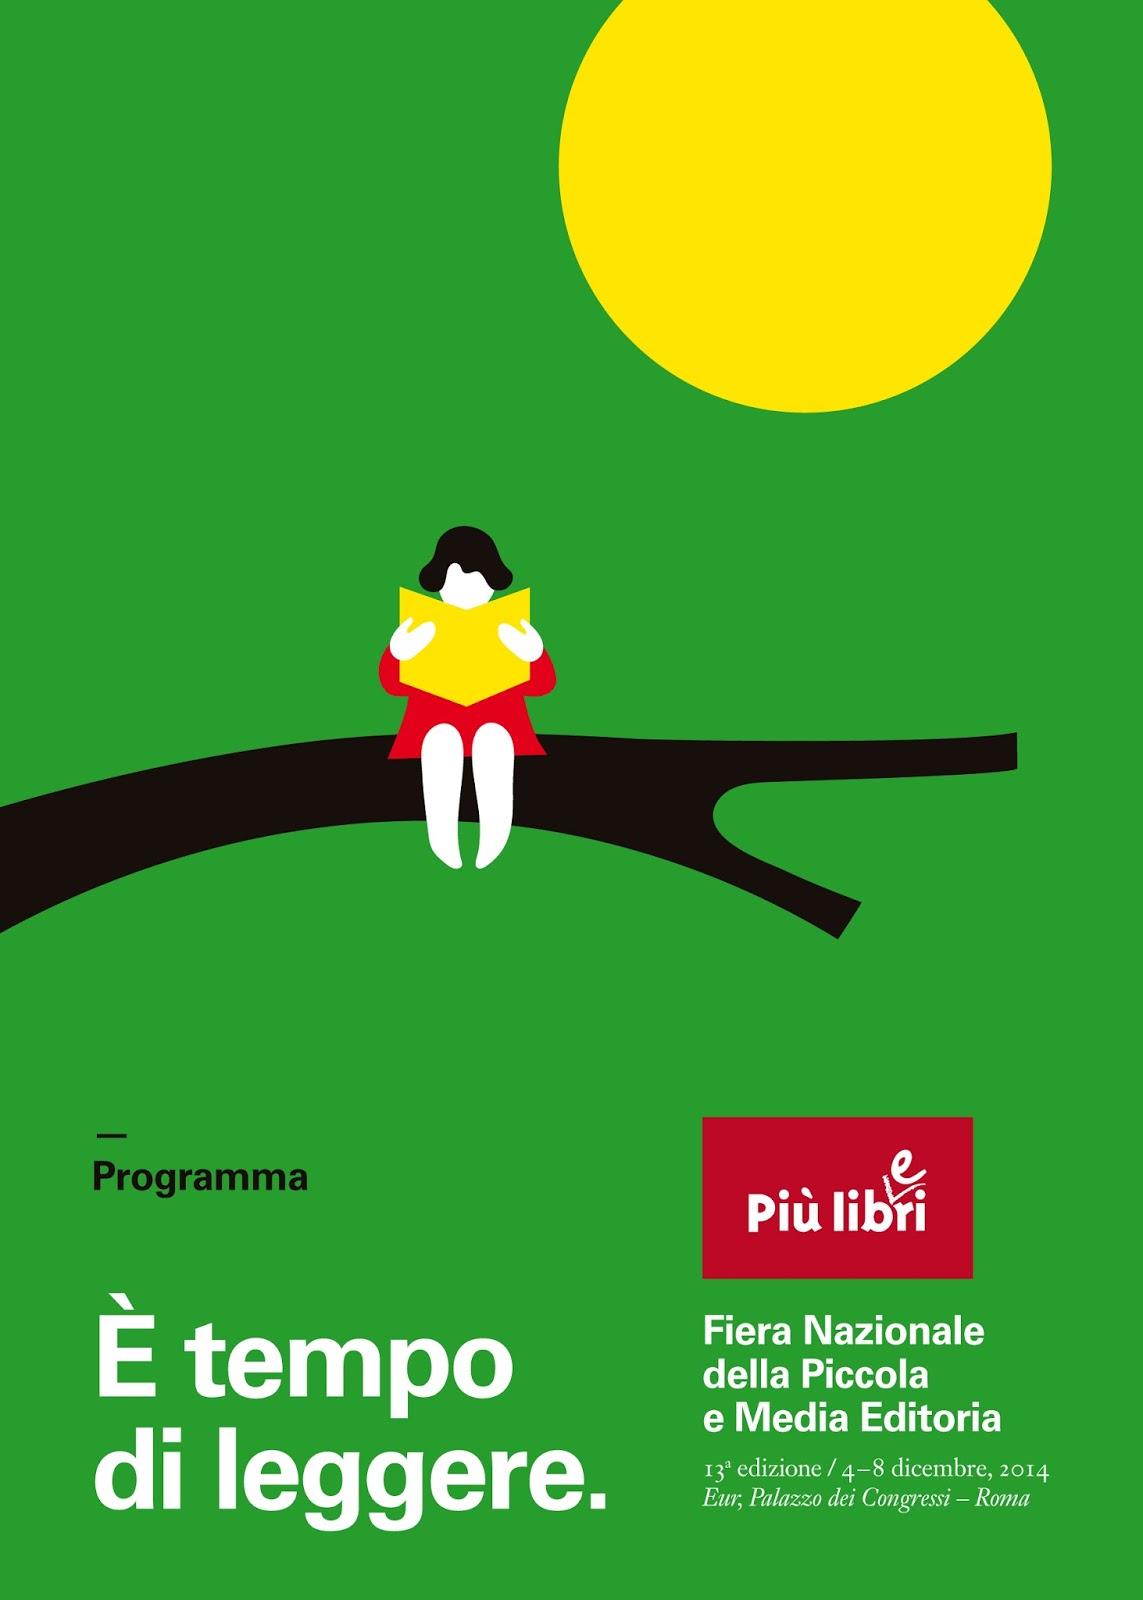 http://www.piulibripiuliberi.it/Portals/23/PLPL_programma_2014_27.11.pdf